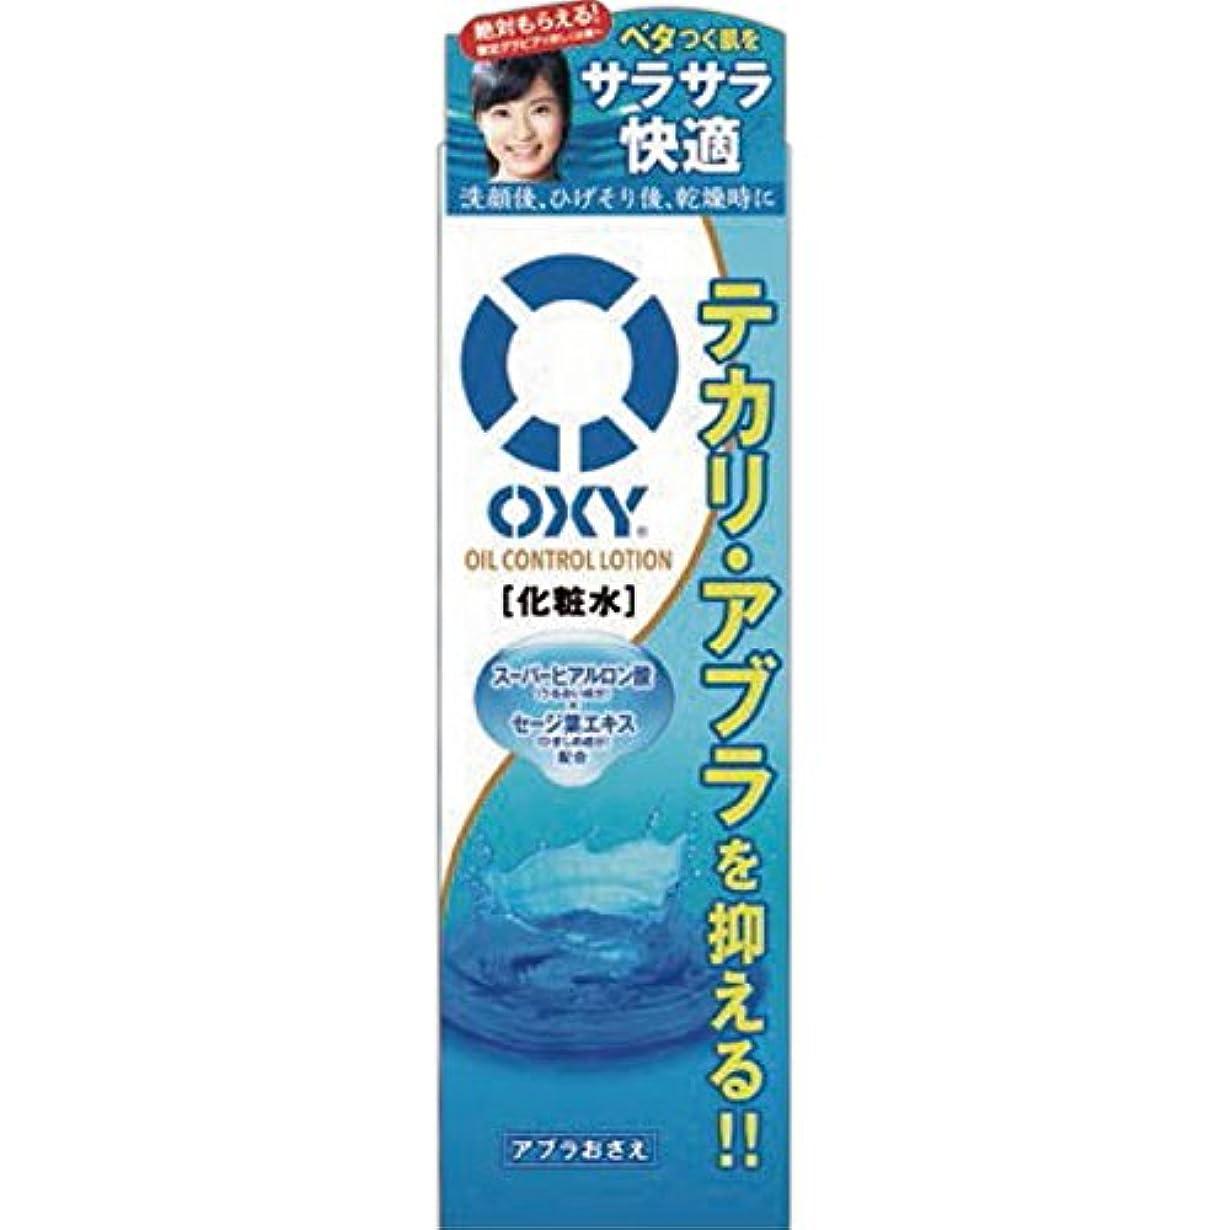 加入チャーター周術期オキシー (Oxy) オイルコントロールローション スーパーヒアルロン酸×セージ葉エキス配合 ゼラニウムの香 170mL